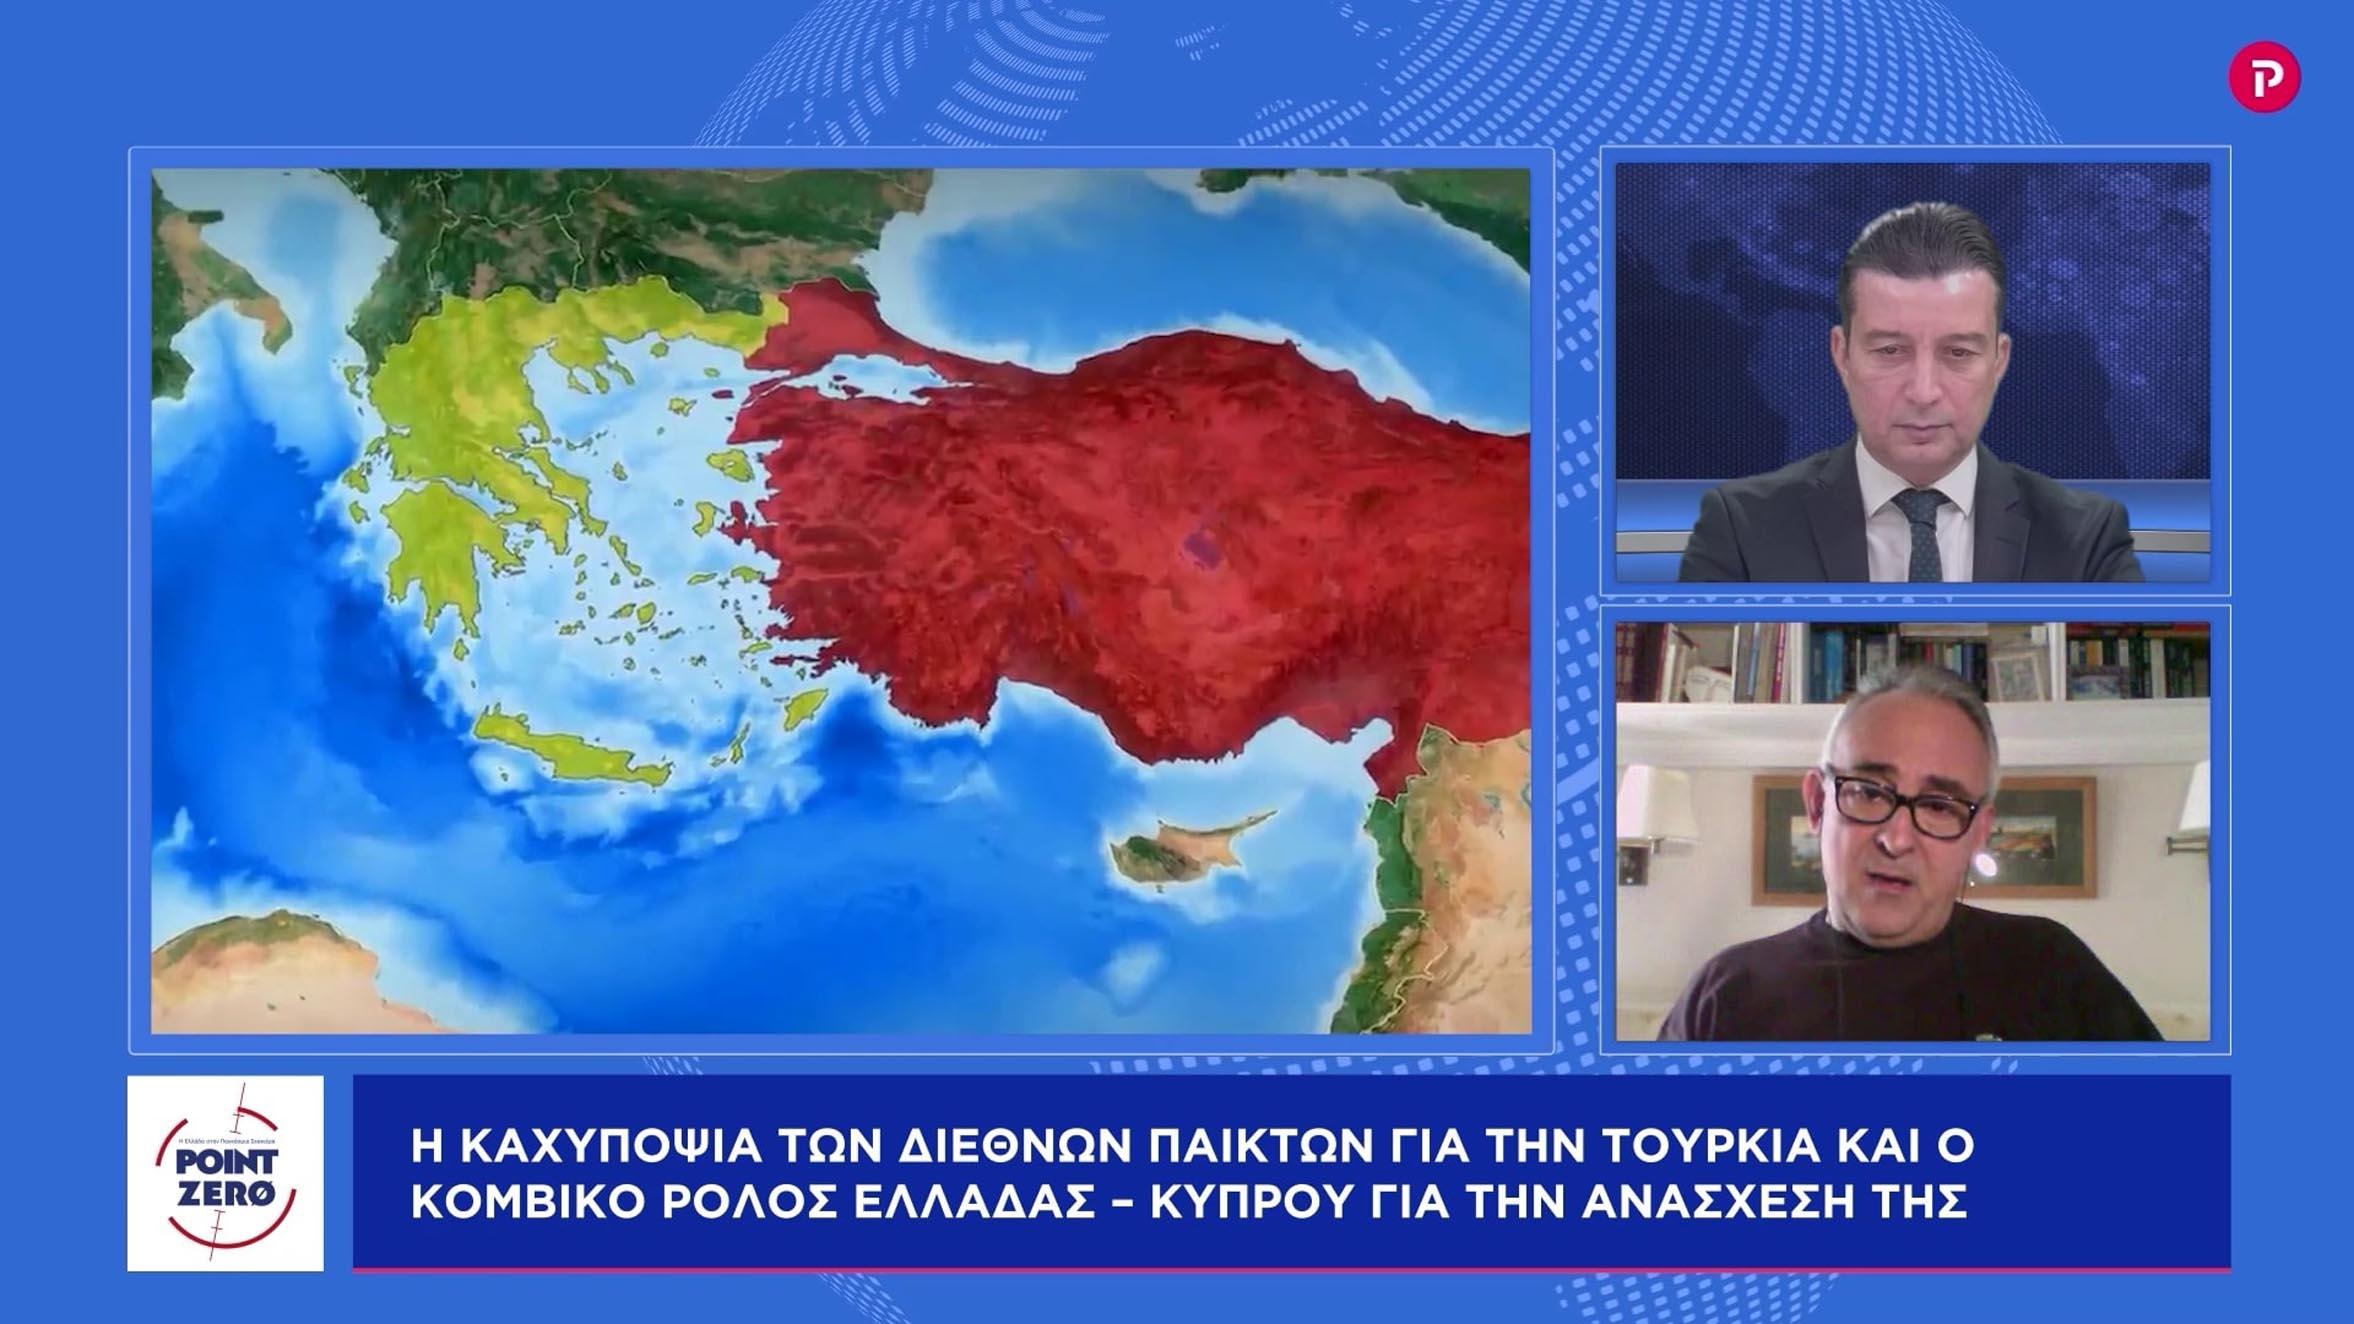 Κωνσταντίνος Γρίβας